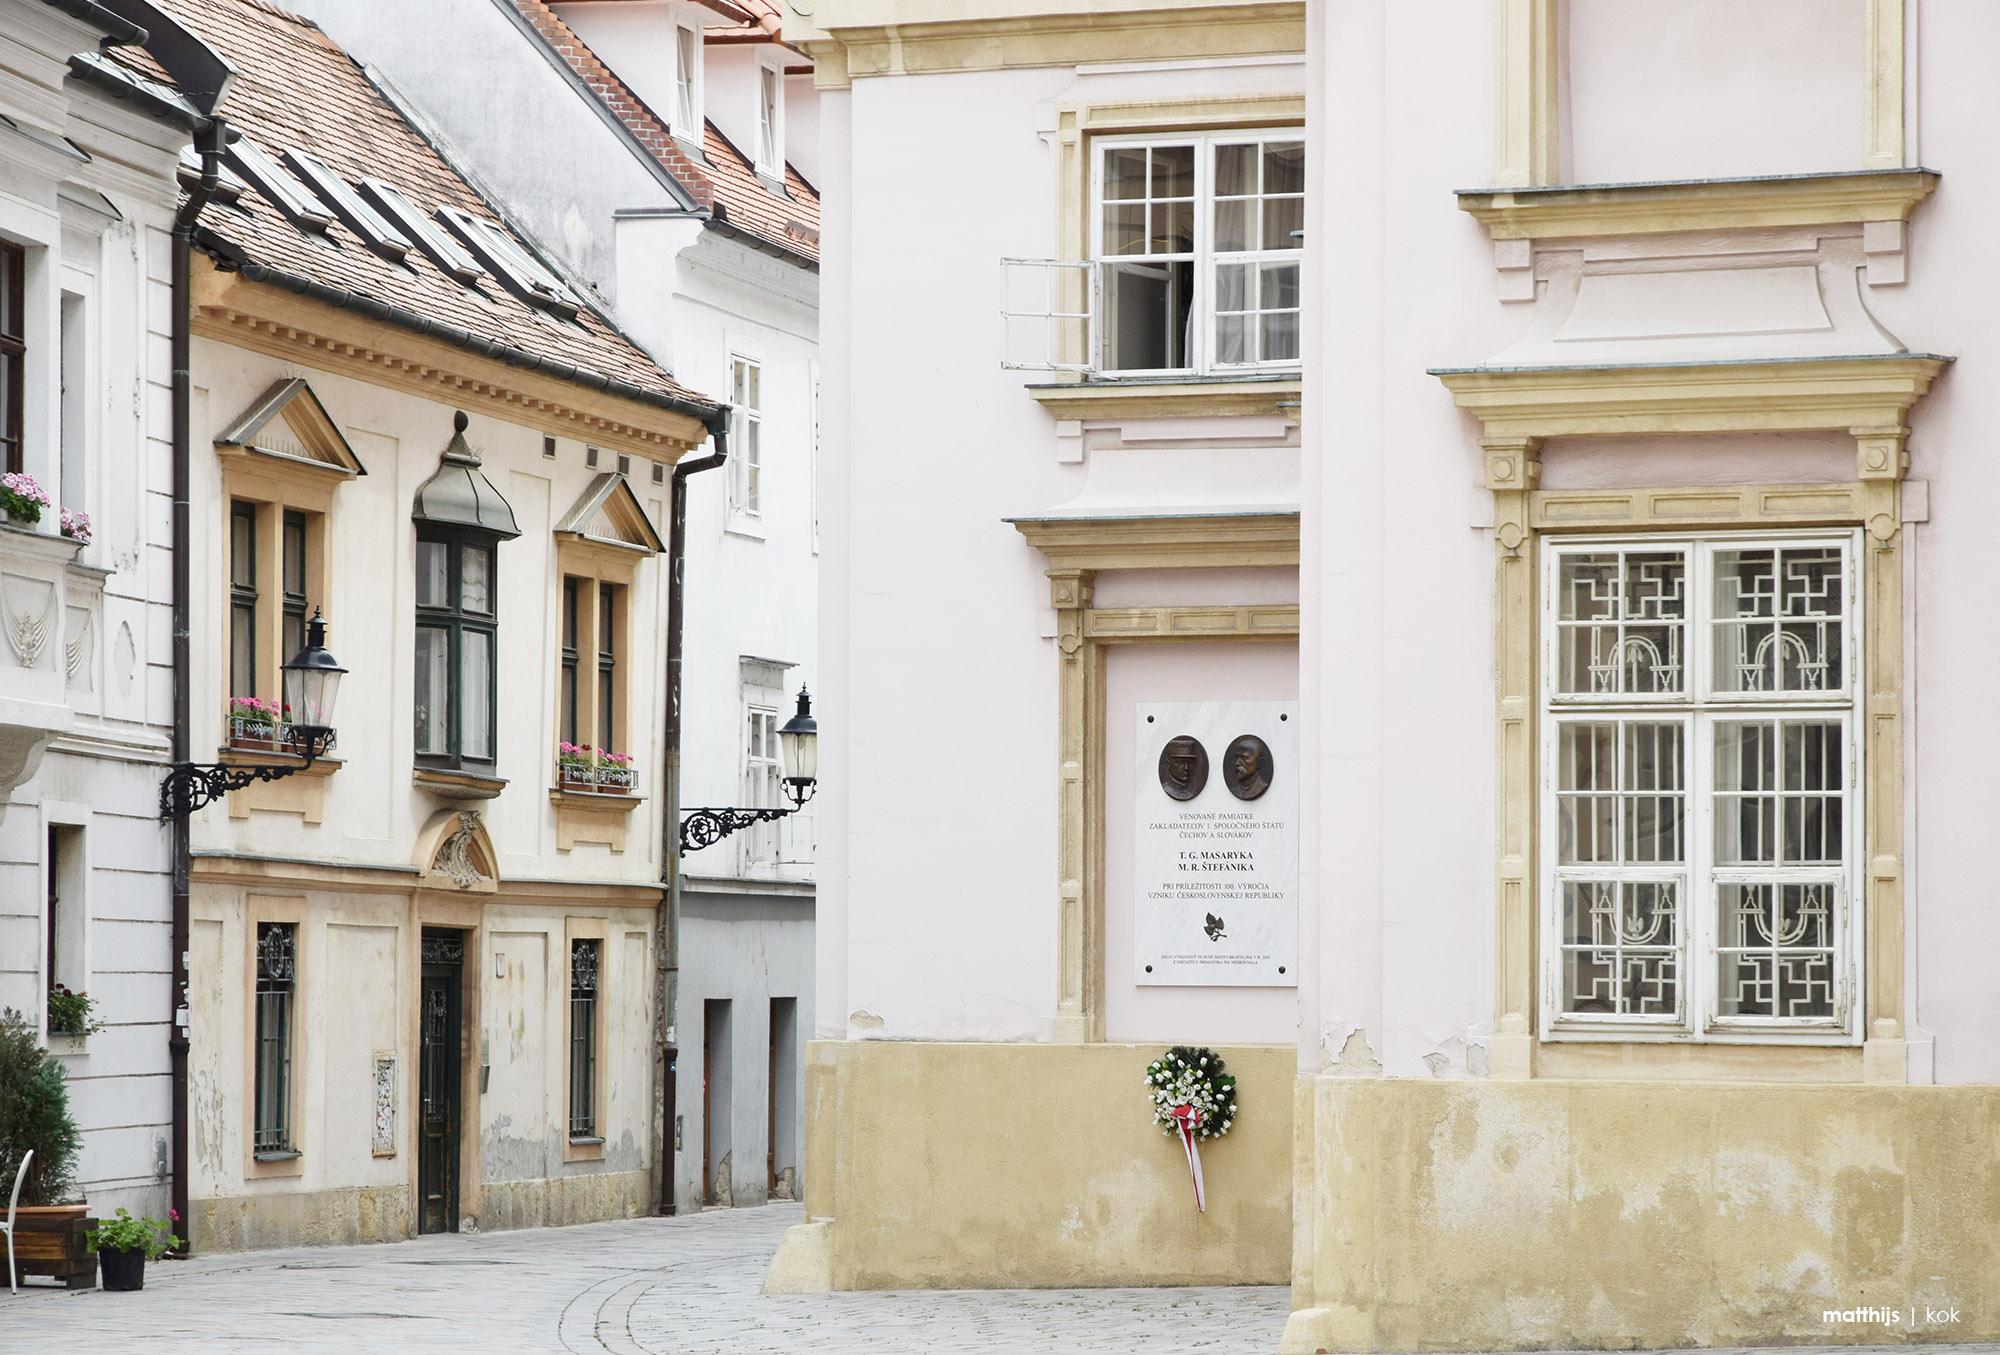 Bratislava Old Town Streets, Slovakia | Photo by Matthijs Kok